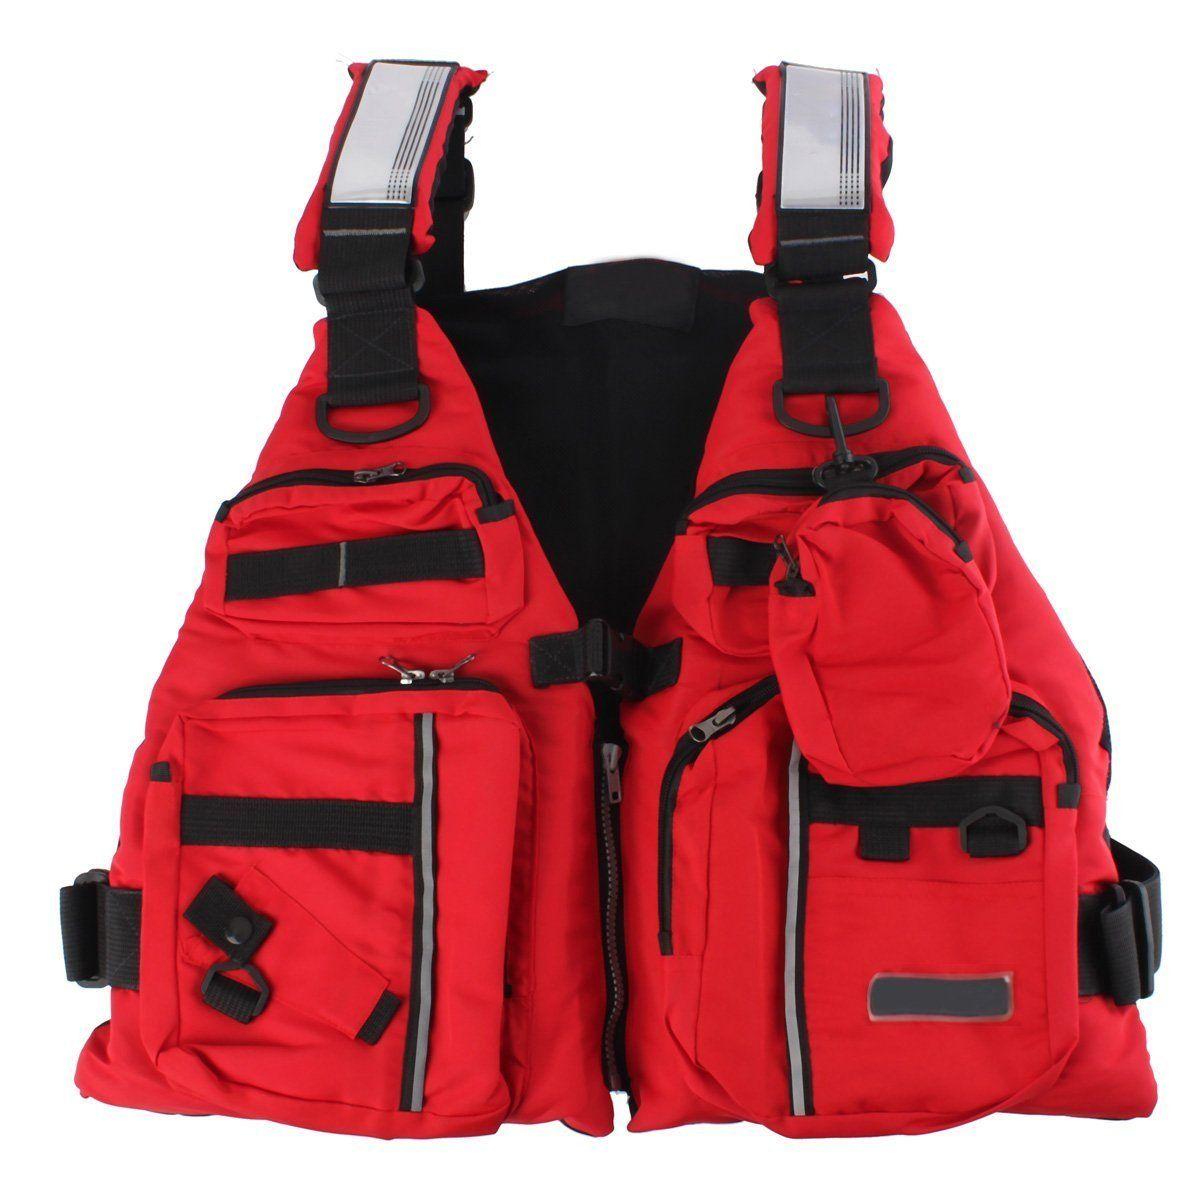 Adult Boating Buoyancy Aid Sailing Fishing Kayak Canoeing Life Jacket Vest Fine